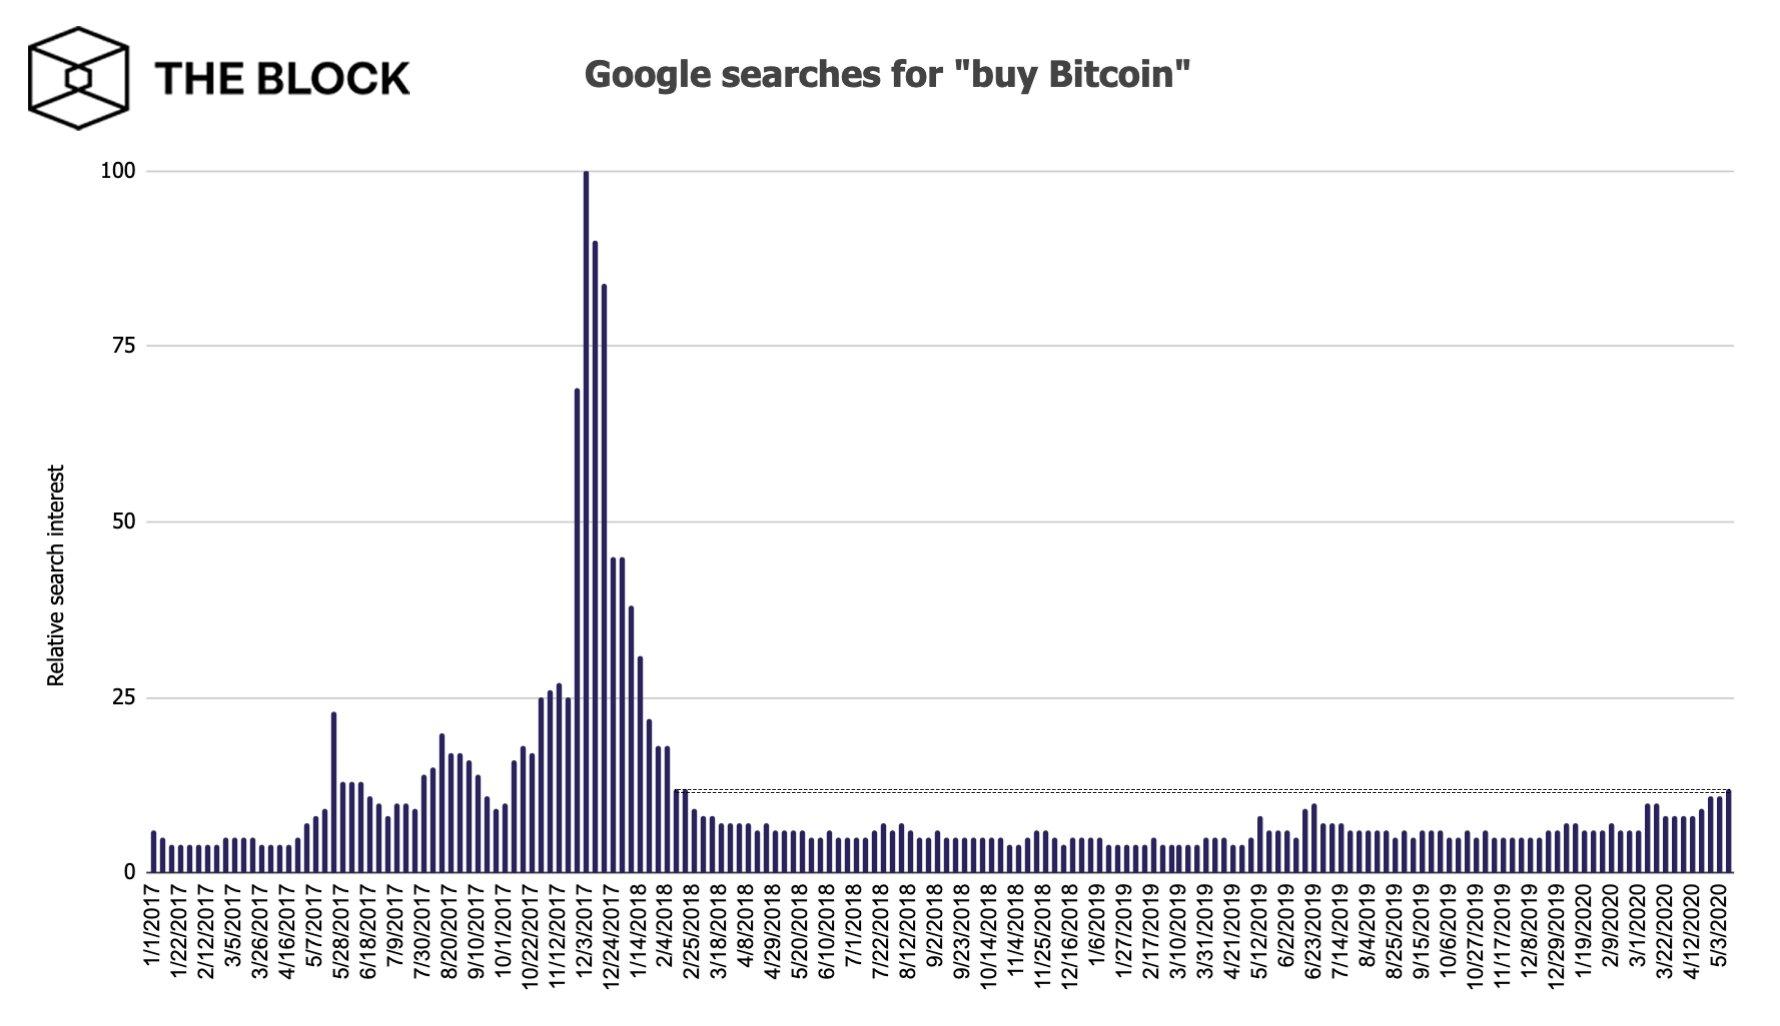 Интерес к покупке bitcoin вернулся к показателям февраля 2018 года